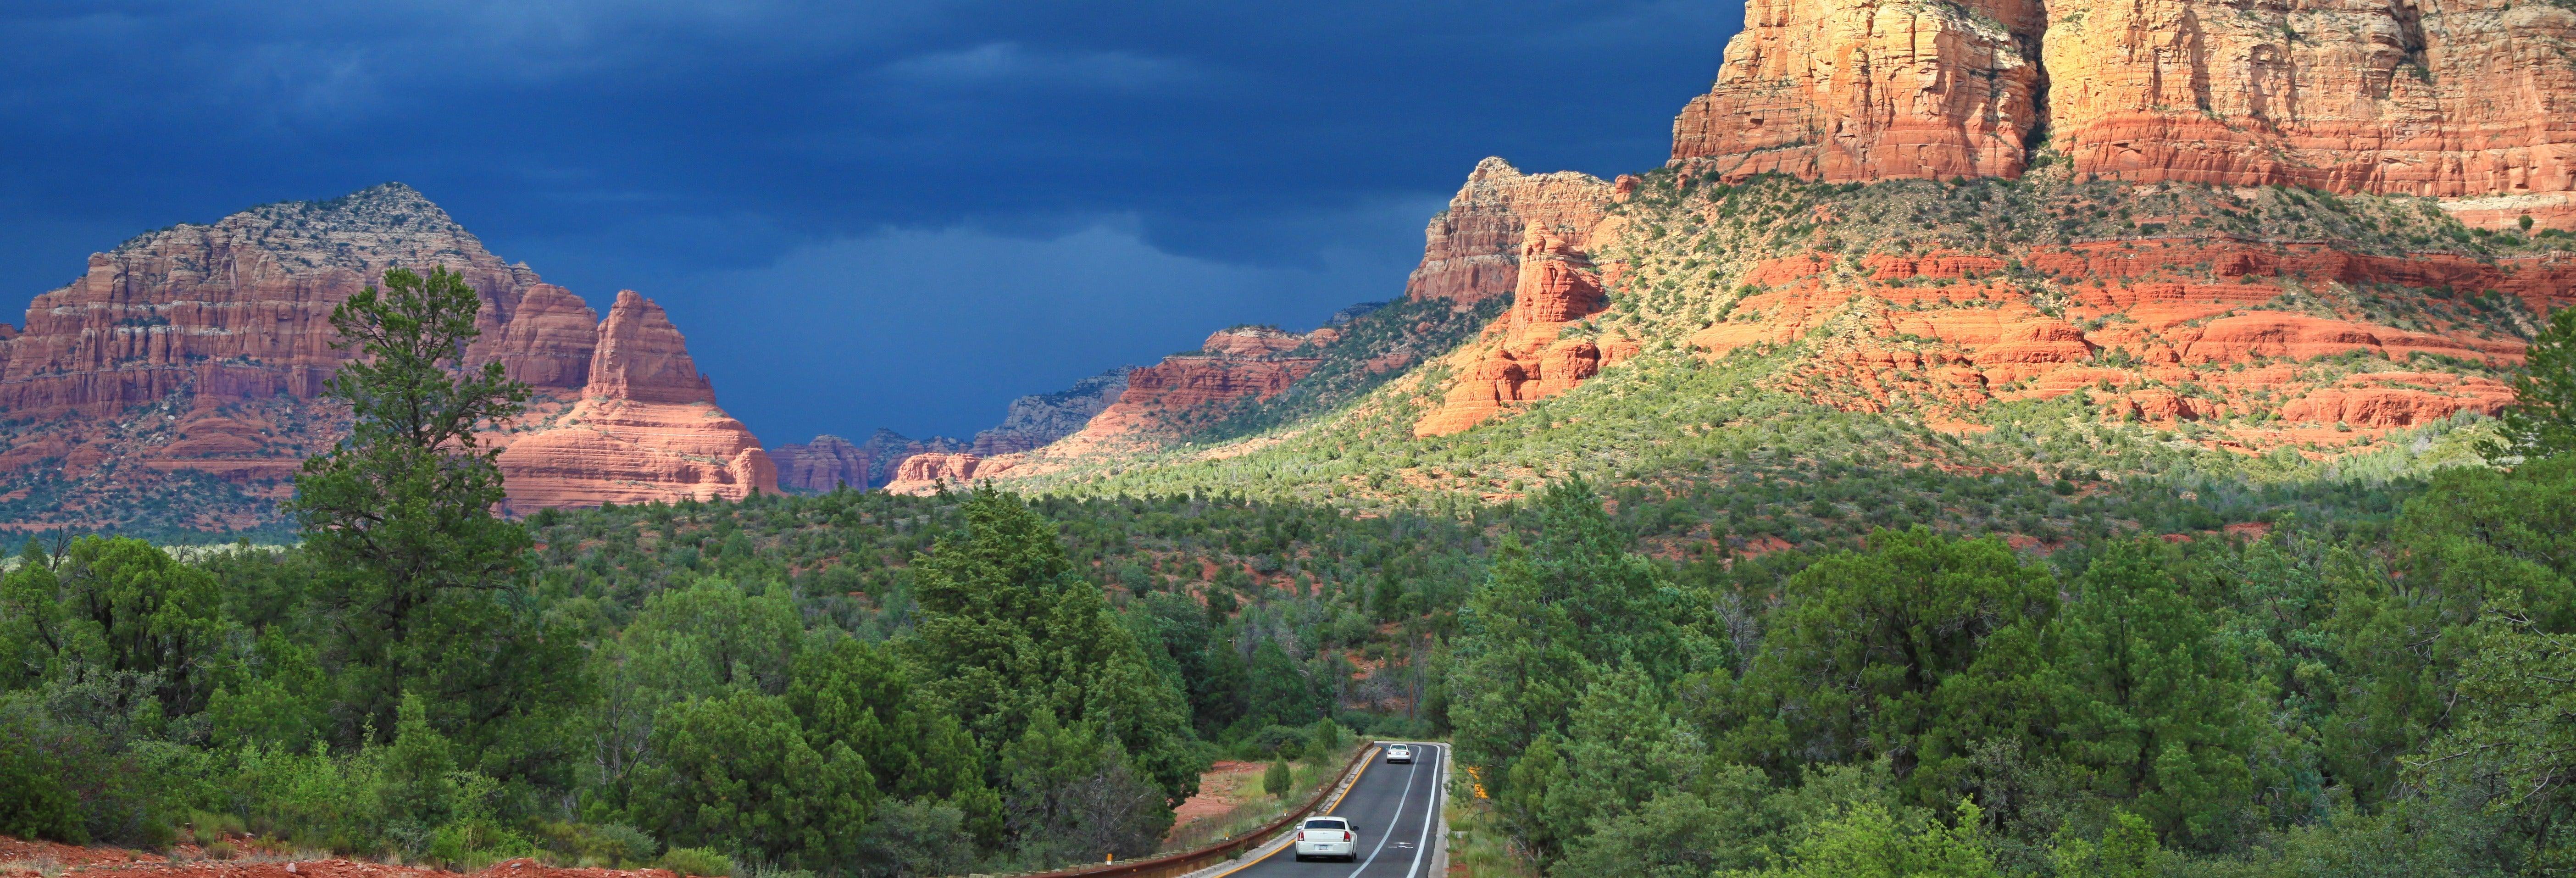 Excursão ao Grand Canyon e Sedona